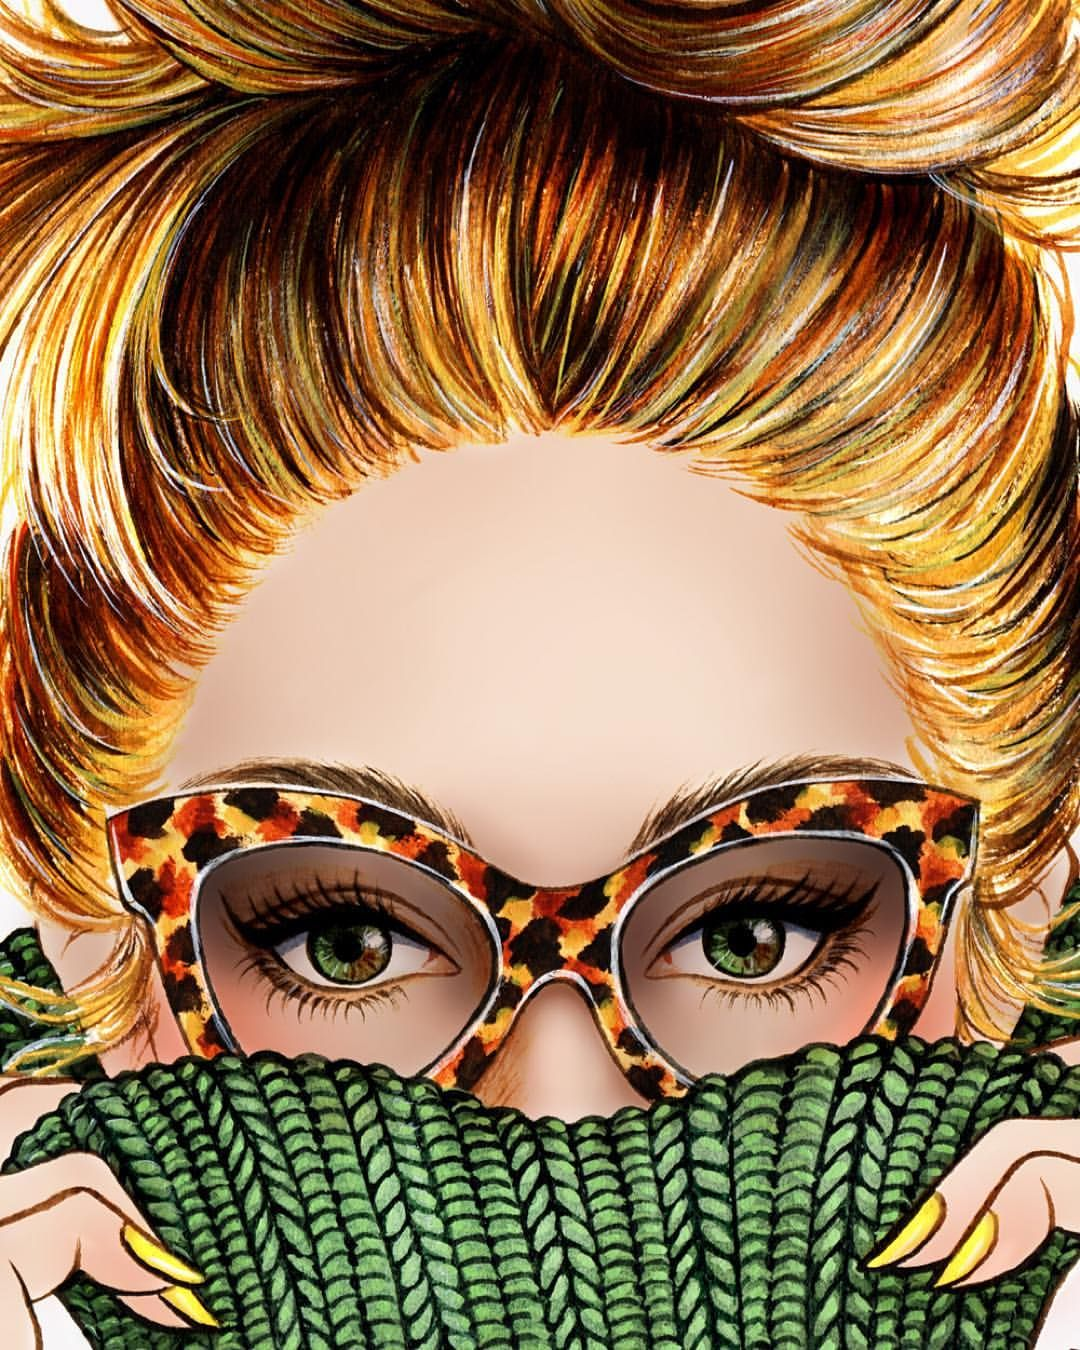 Christinerod Fotos De Dibujos Ilustraciones Artisticas Diseno Arte Pop